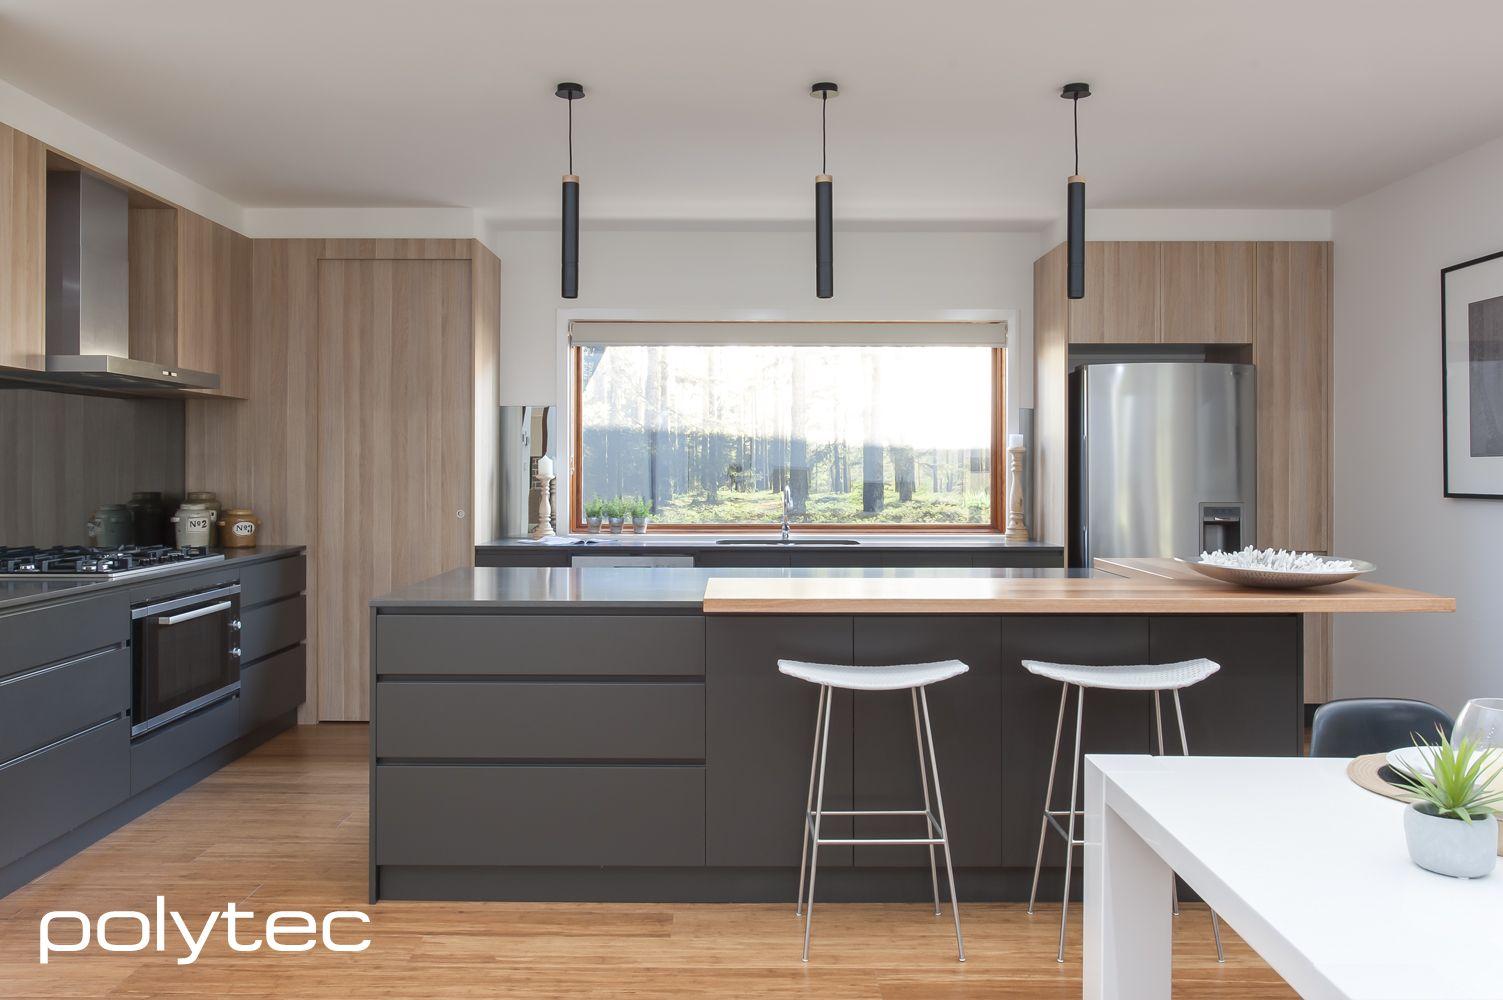 Melamine Kitchen Cabinets Polytec Doors In Ravine Natural Oak Drawers In Melamine Cinder